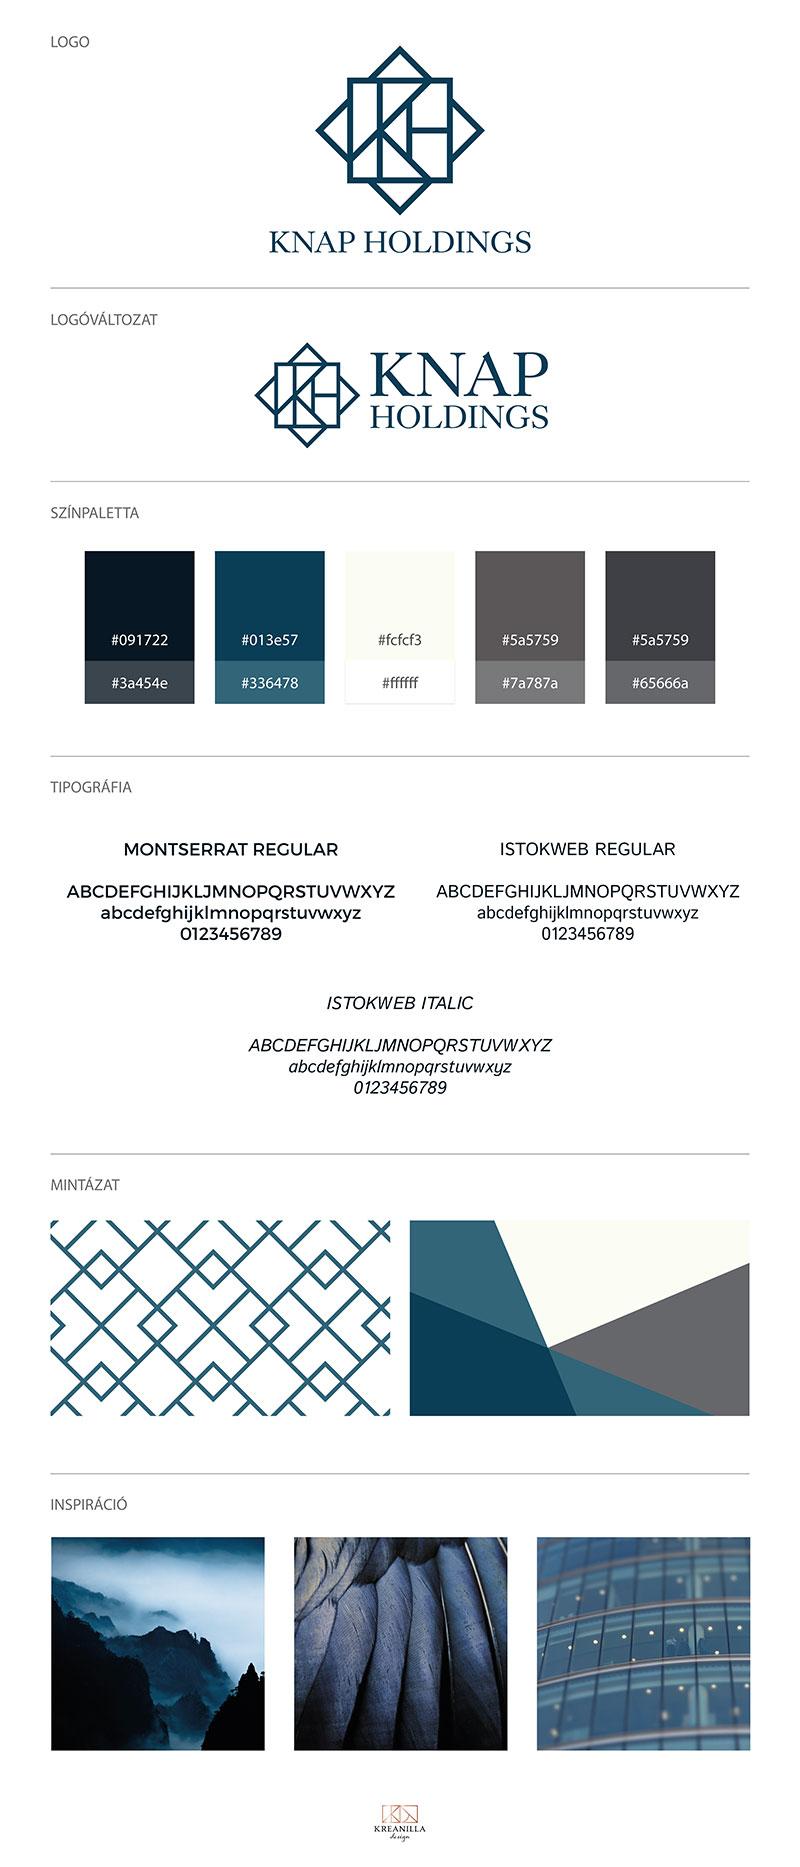 Brand board (logó és arculati elemek) készítés